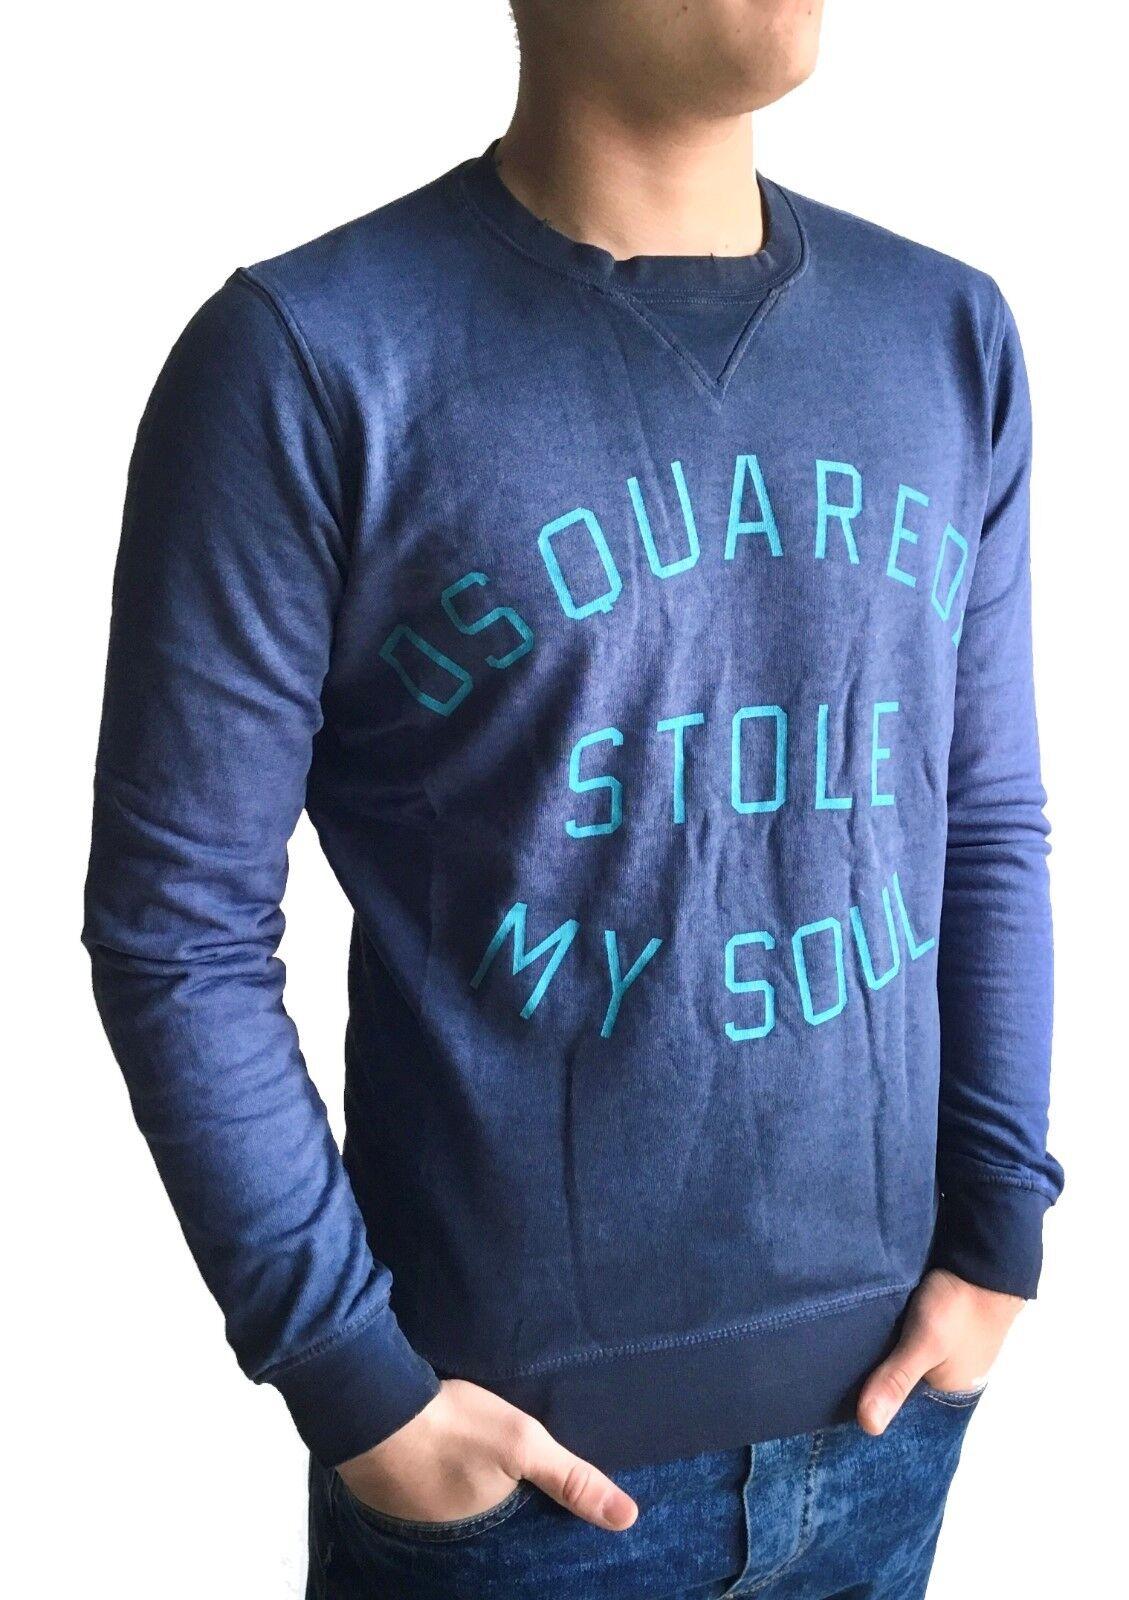 DSQUARED2 Maglia moda uomo man cotone manica lunga 0010 SPECIAL PRICE